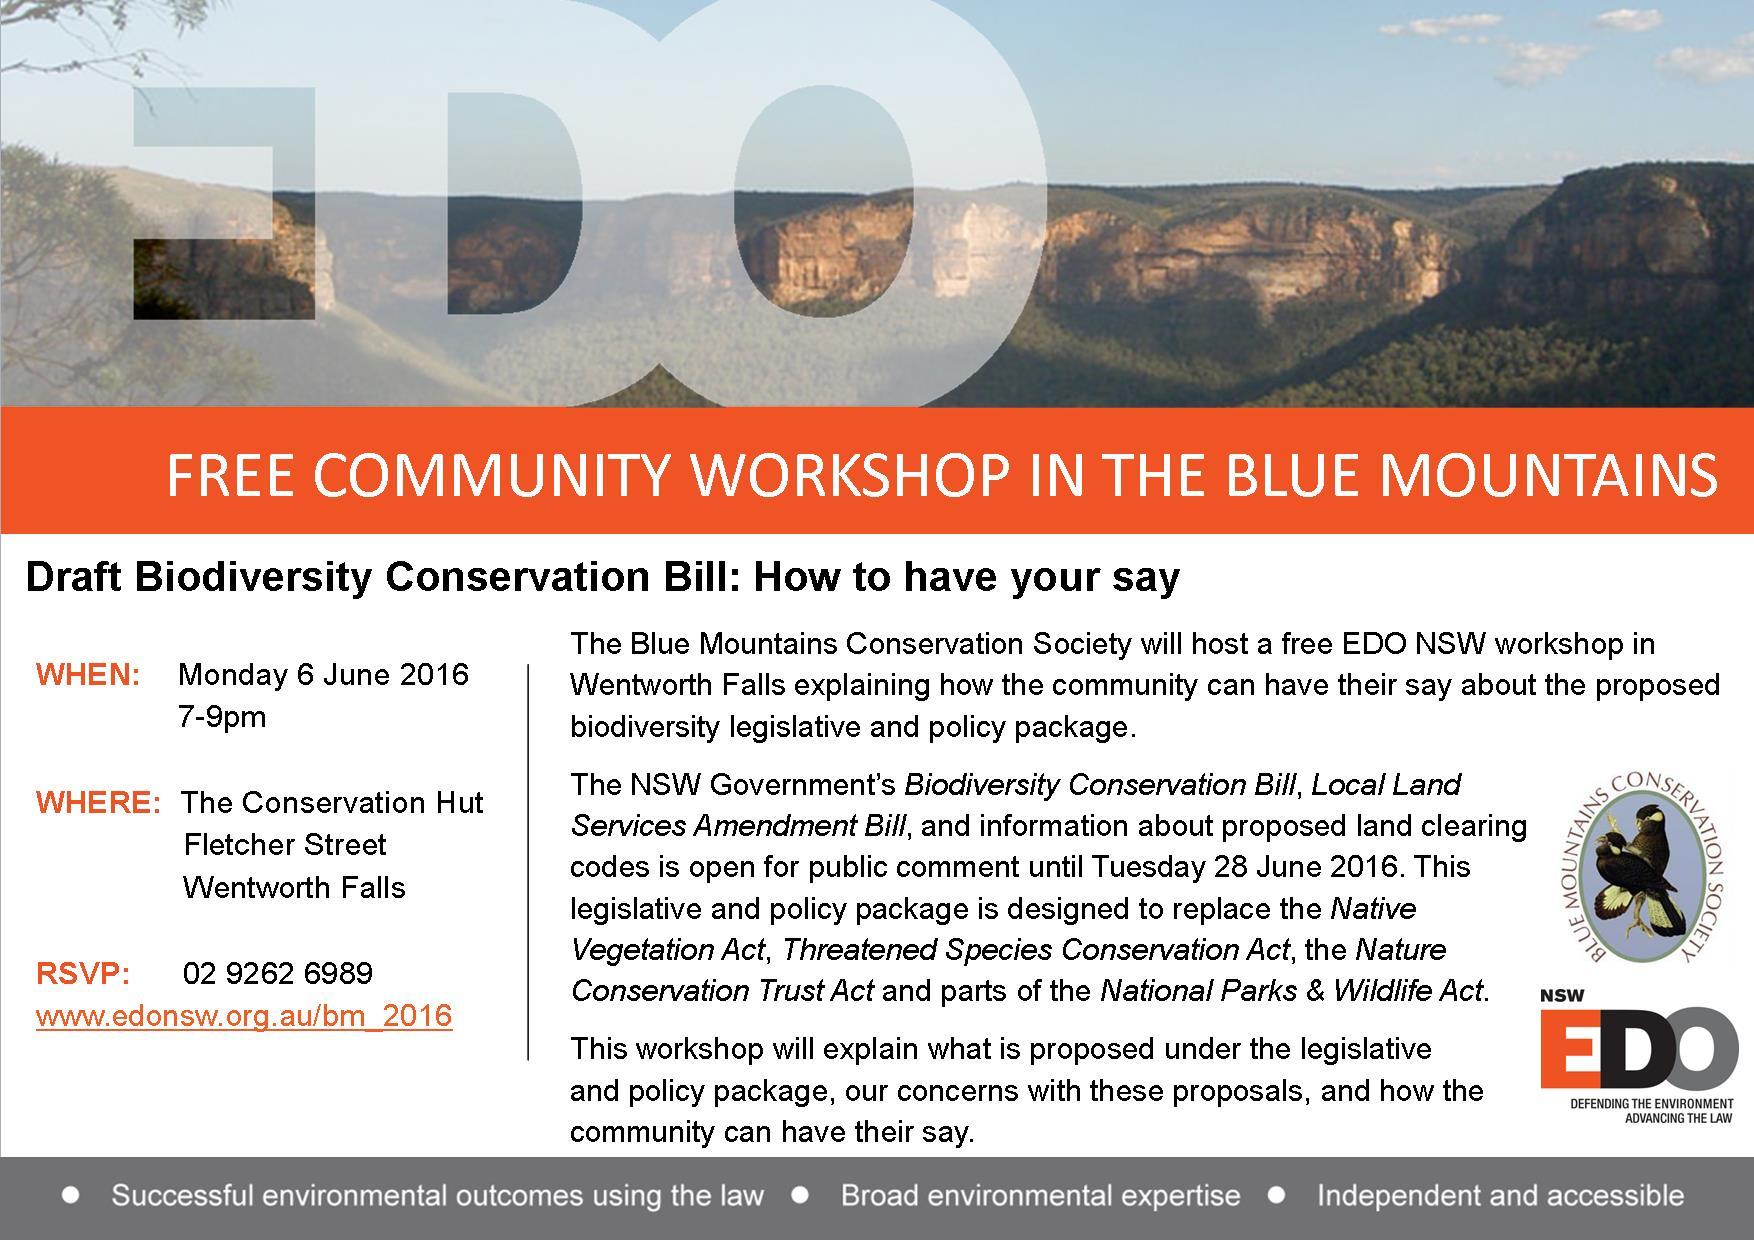 EDO_NSW_Blue_Mountains_Biodiversity_Flyer.jpg